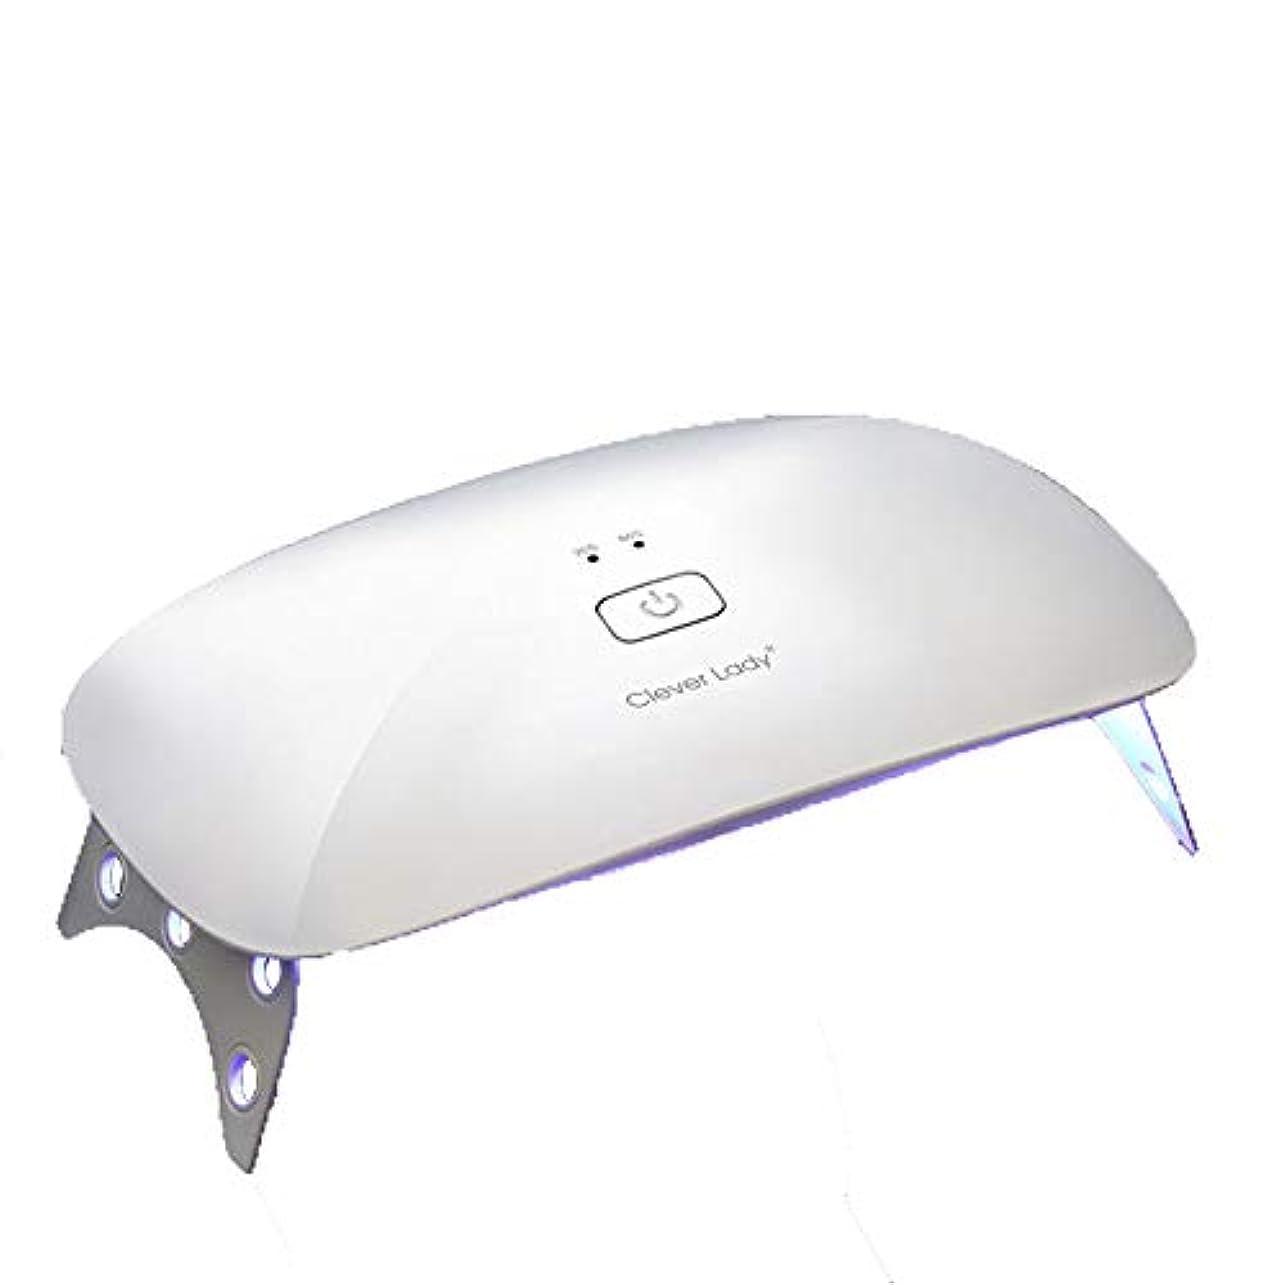 気配りのある一貫した魅力LEDネイル光線療法機、ホームインテリジェント自動誘導ネイル硬化機折りたたみ式クイックドライヤー、ポータブルネイルポリッシャー